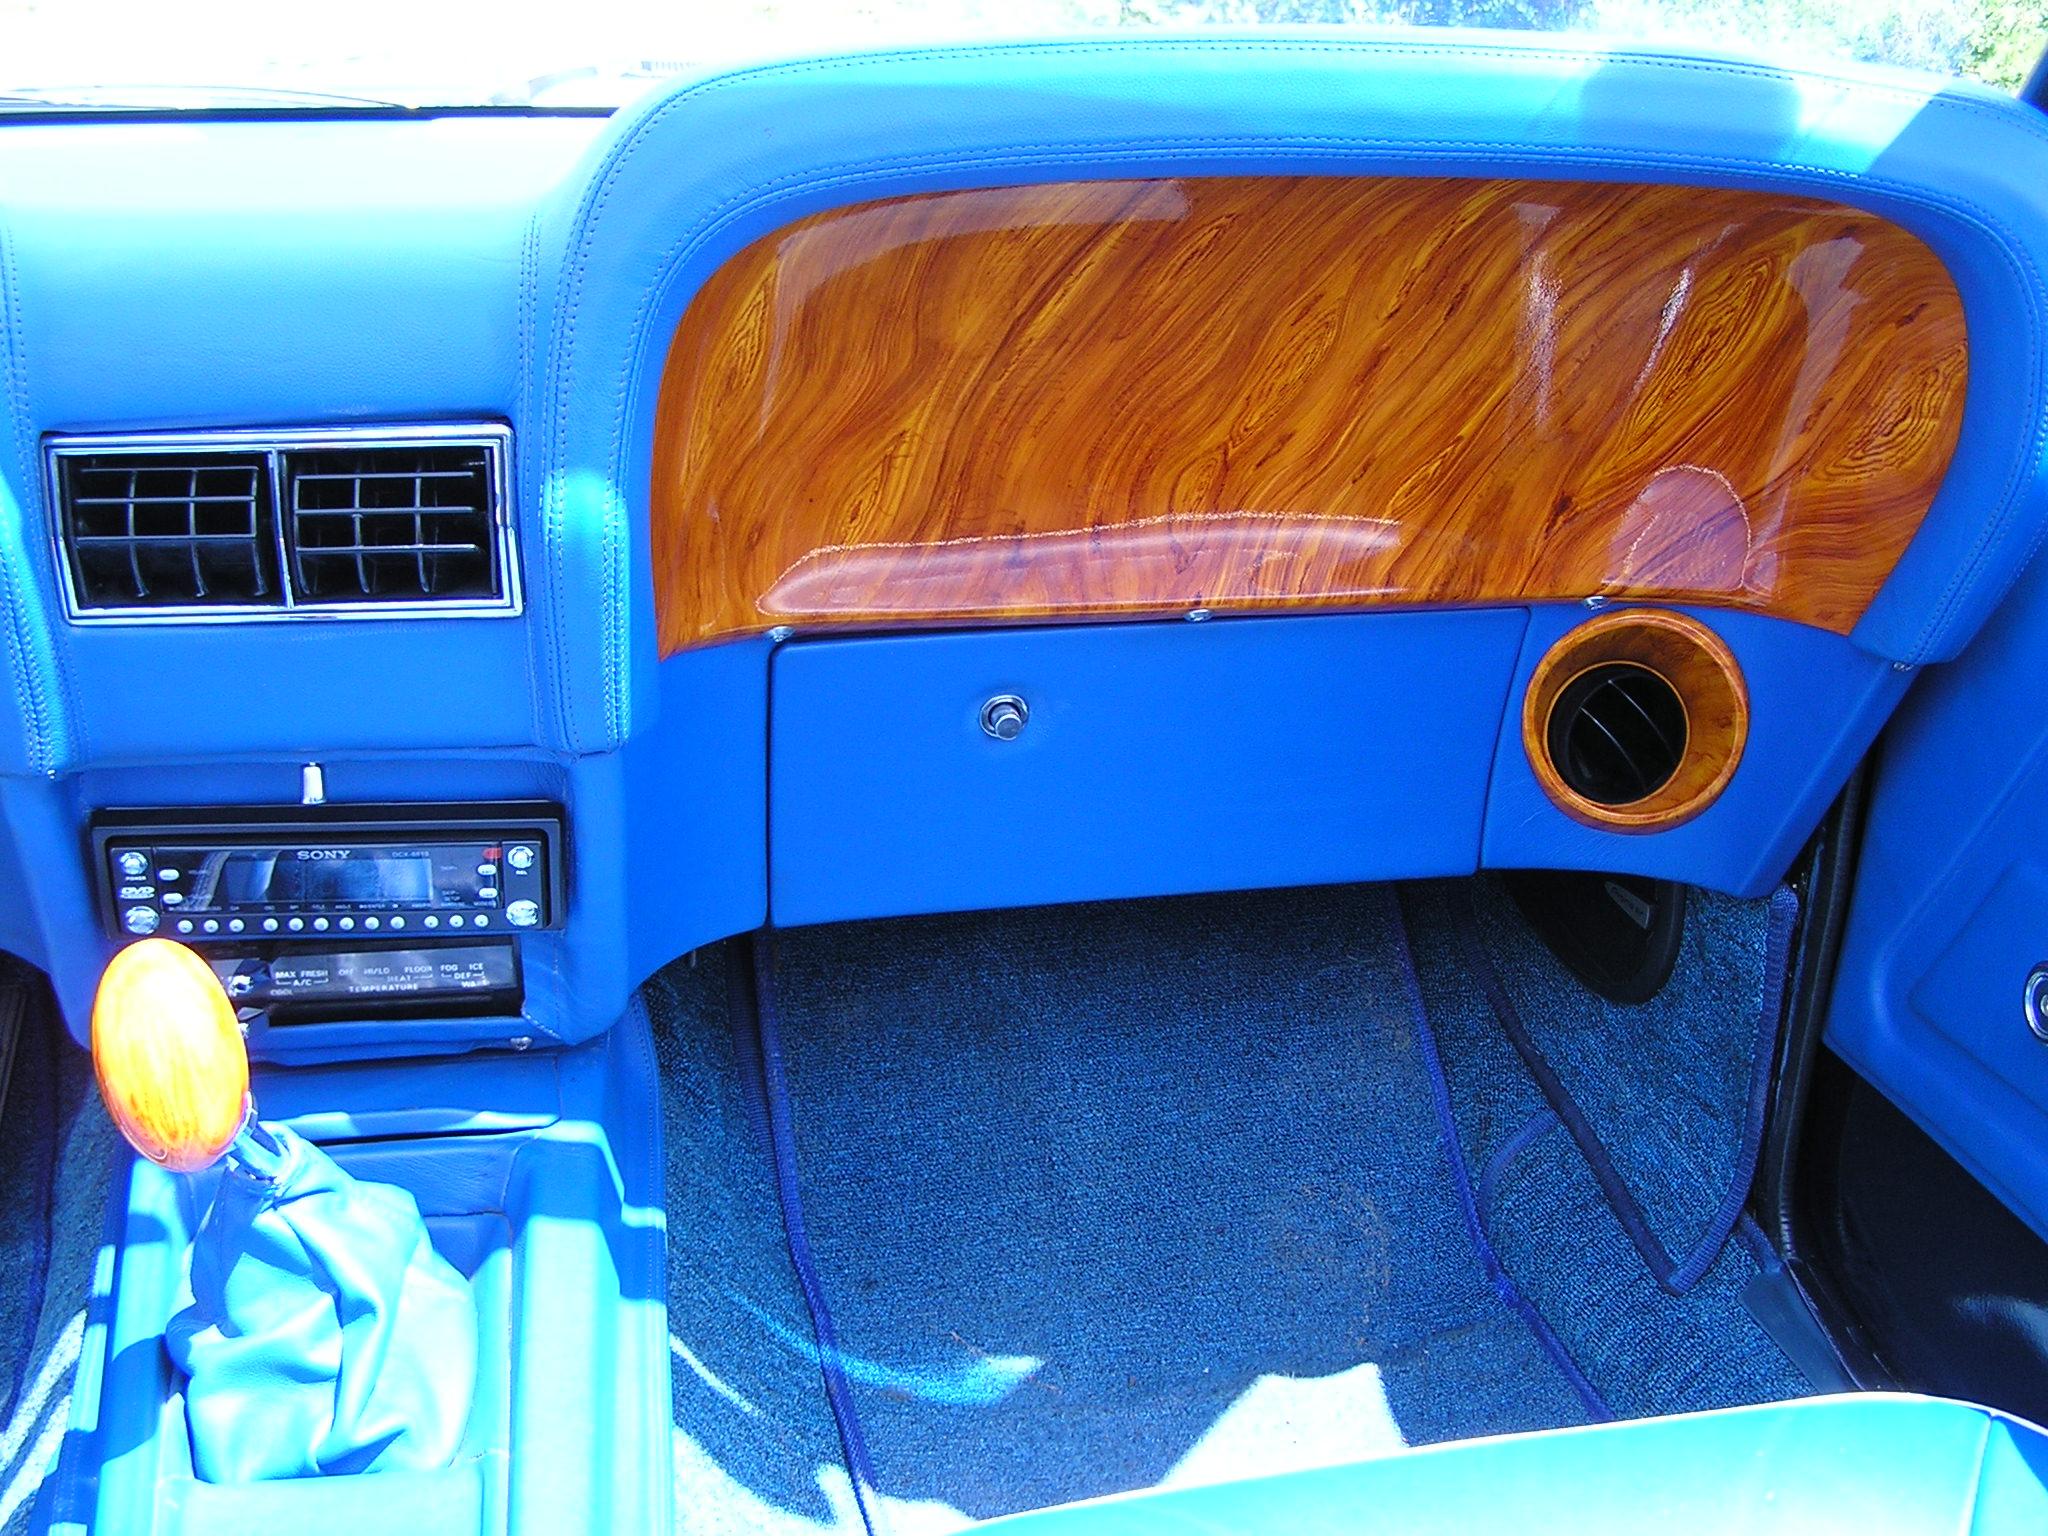 Khám phá xe cổ Ford Mustang 1970 tại Sài Gòn_8